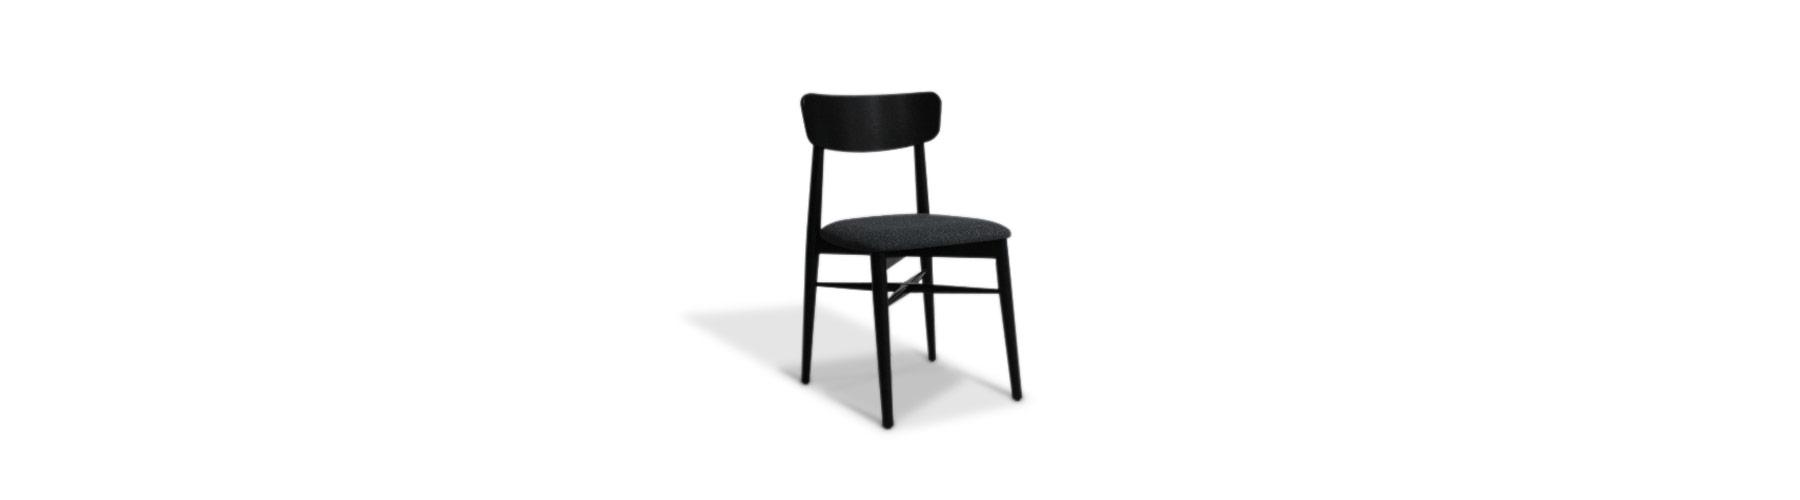 Lolo rembourré - Chaise William